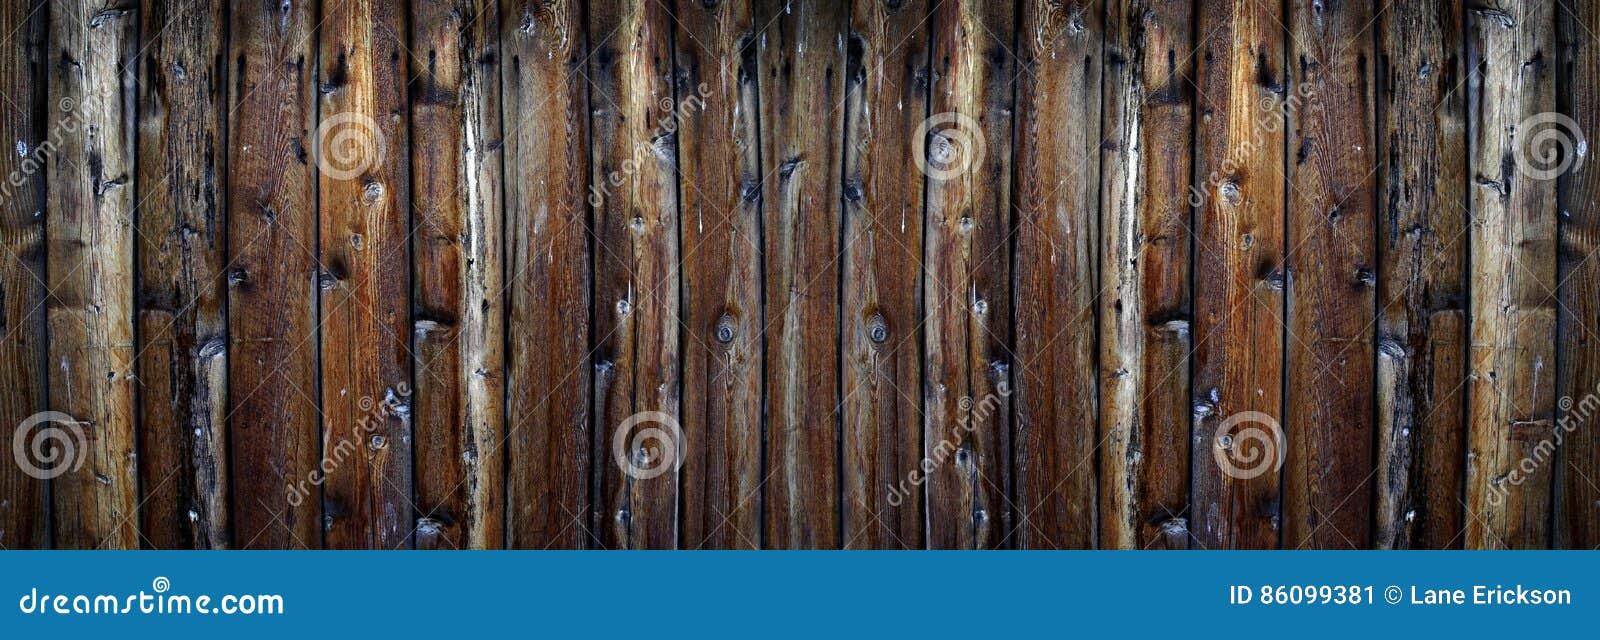 Alter Rauer Holzerner Planken Zaun Texture Stockbild Bild Von